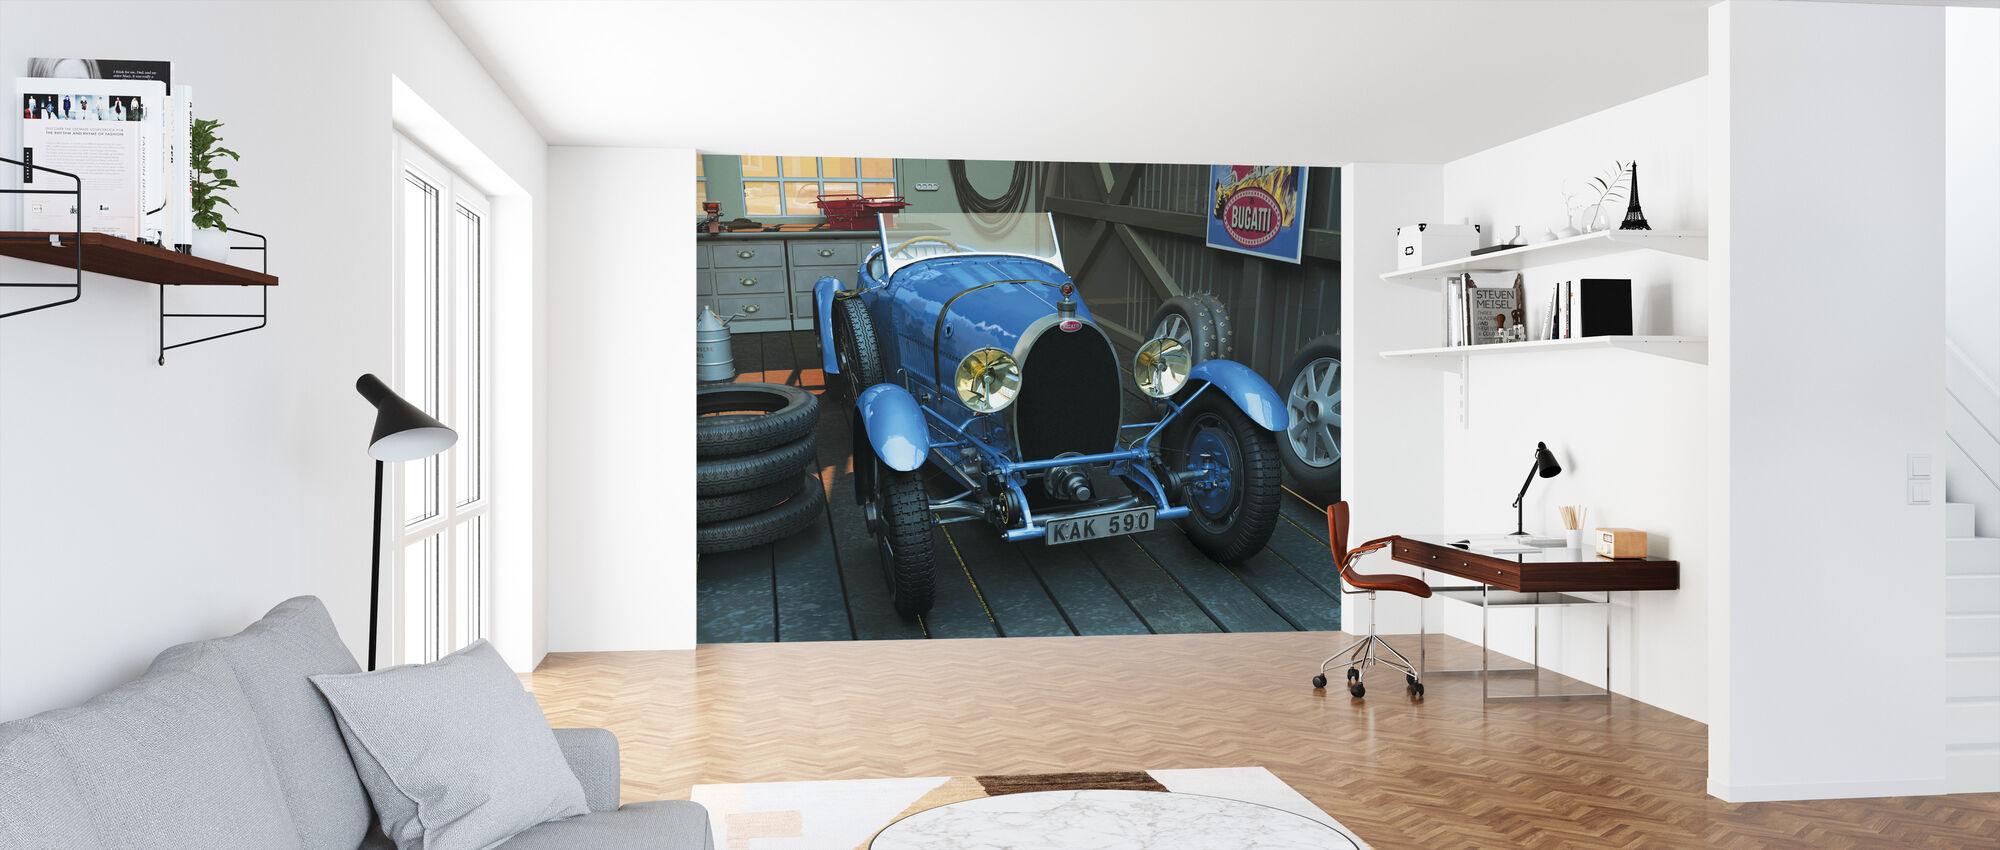 Bil i garasjen - Tapet - Kontor